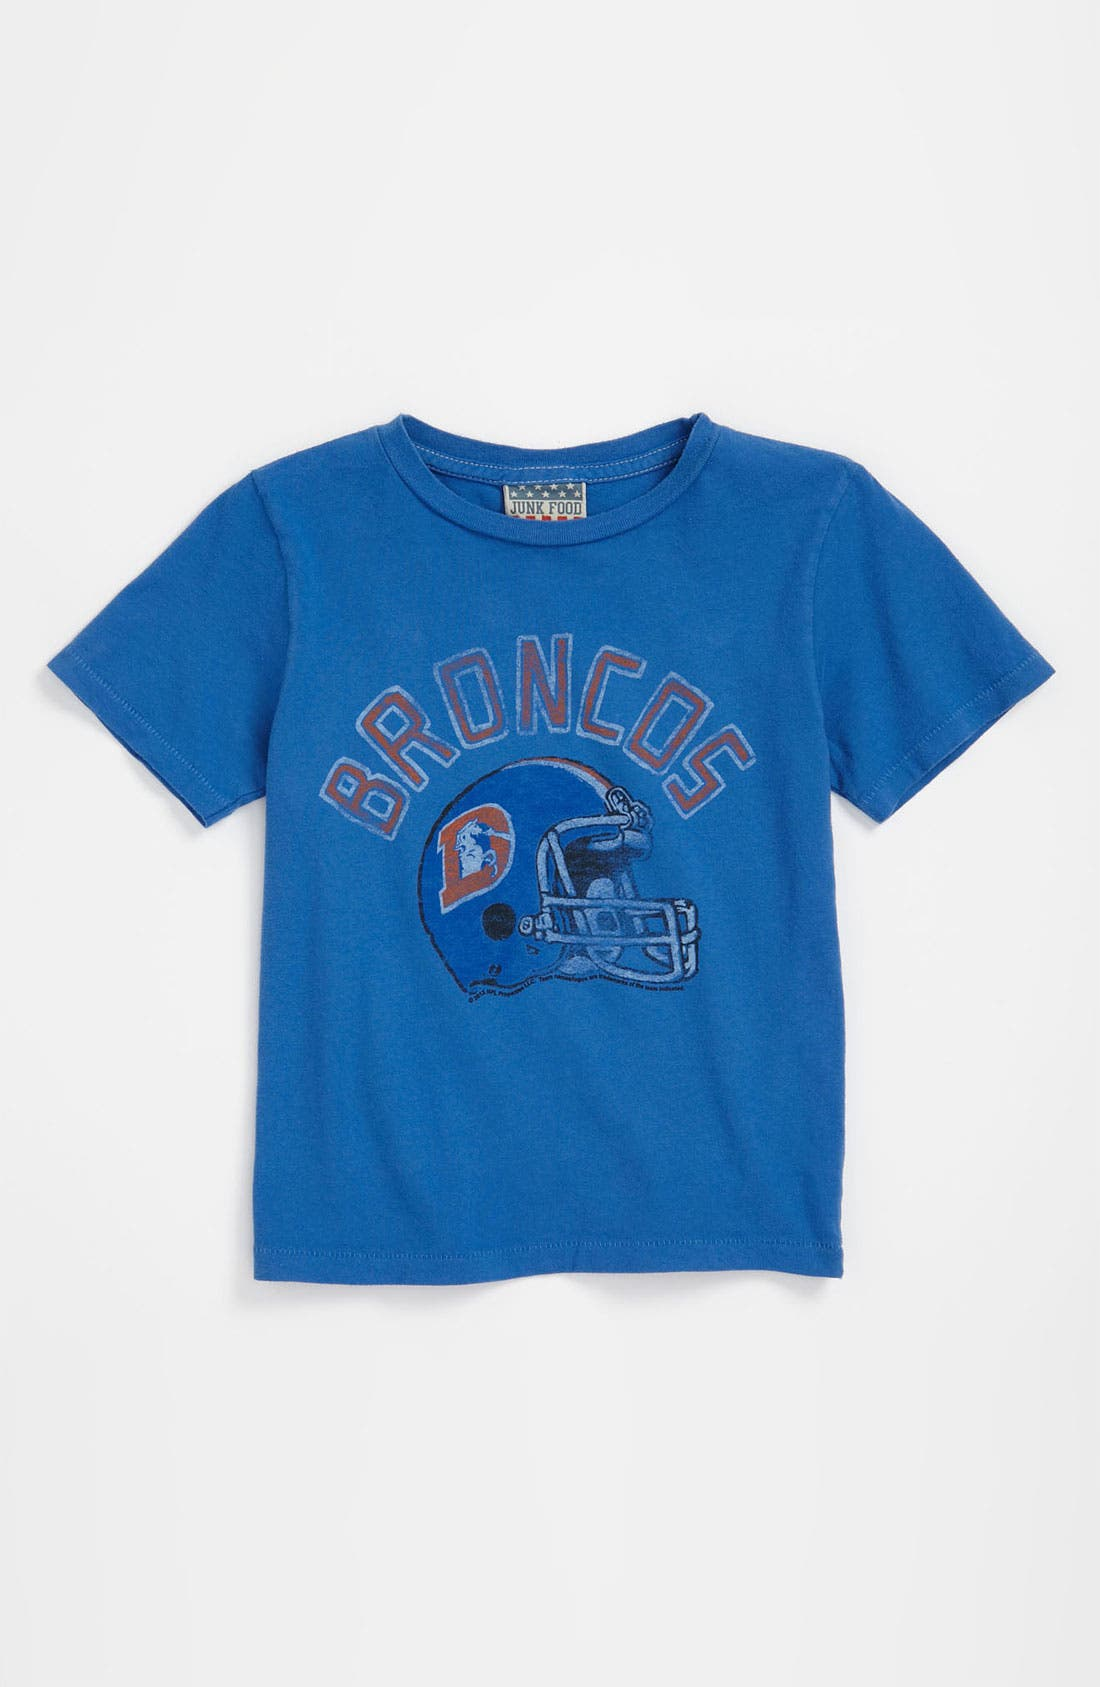 Alternate Image 1 Selected - Junk Food 'Denver Broncos' T-Shirt (Infant)